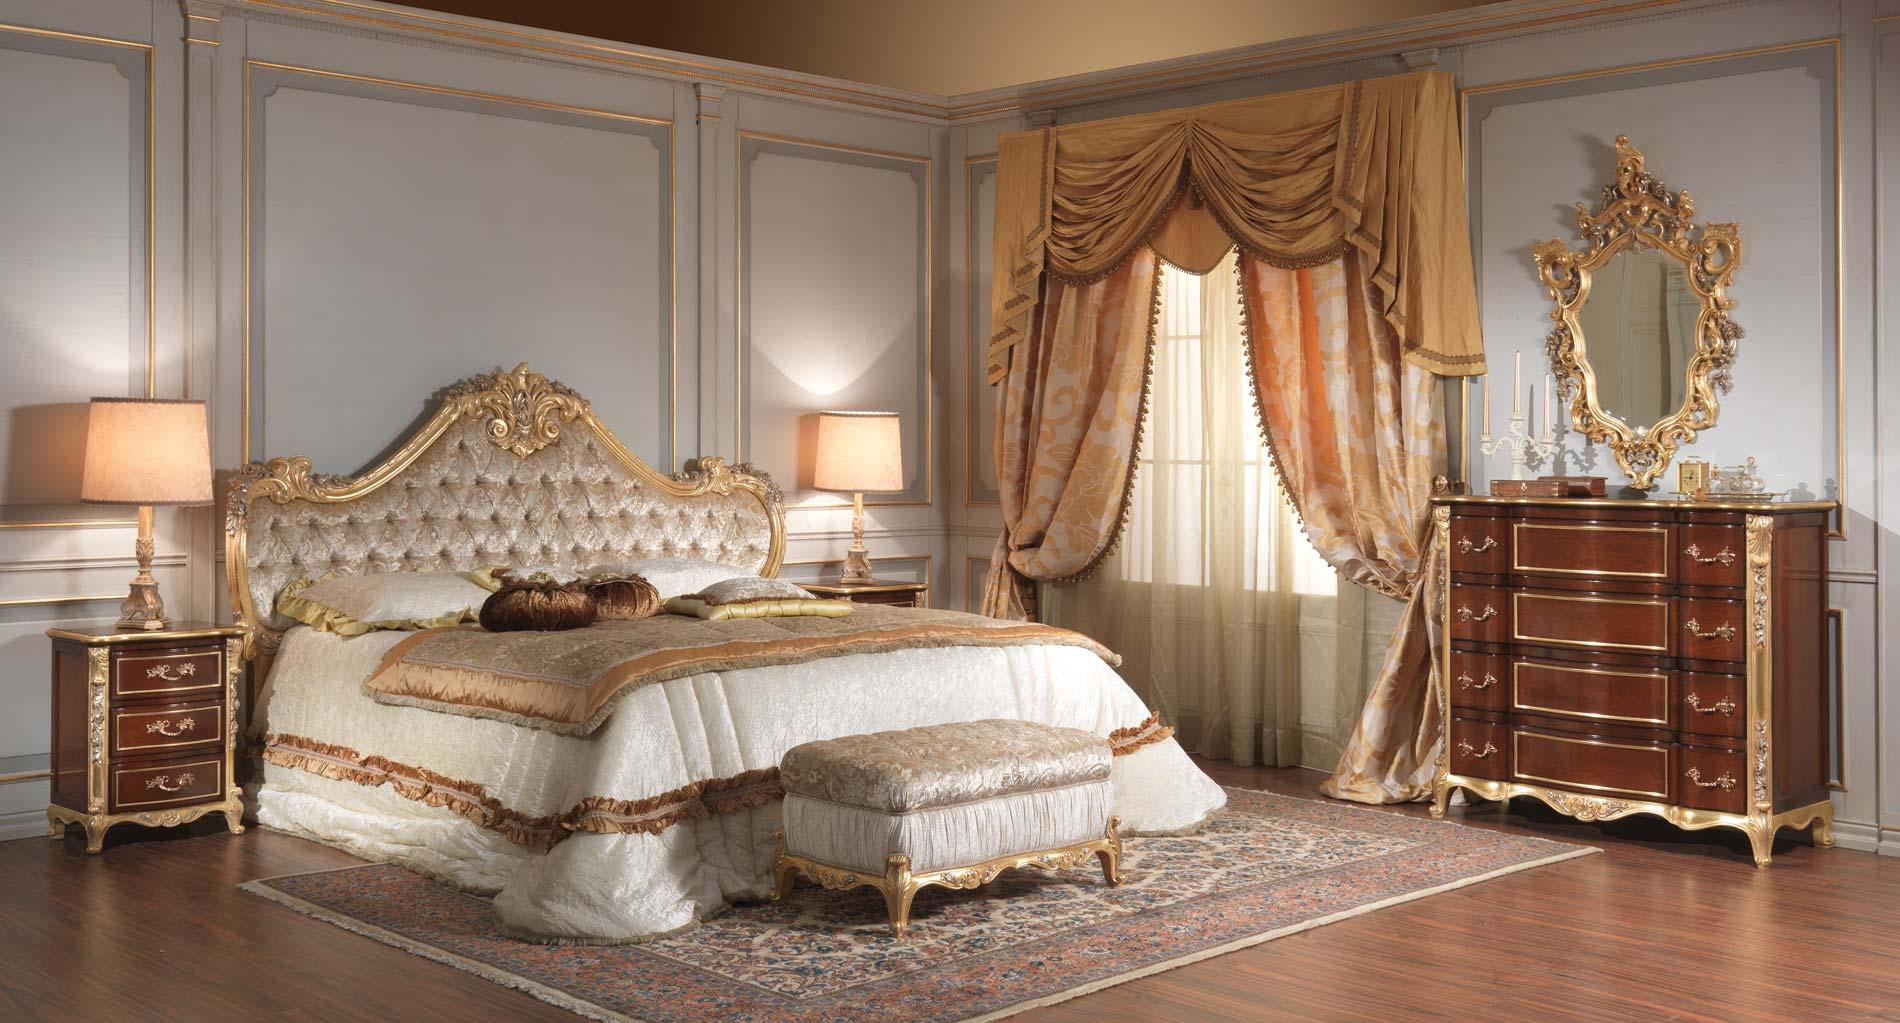 Camera da letto classica 700 italiano  Vimercati Meda